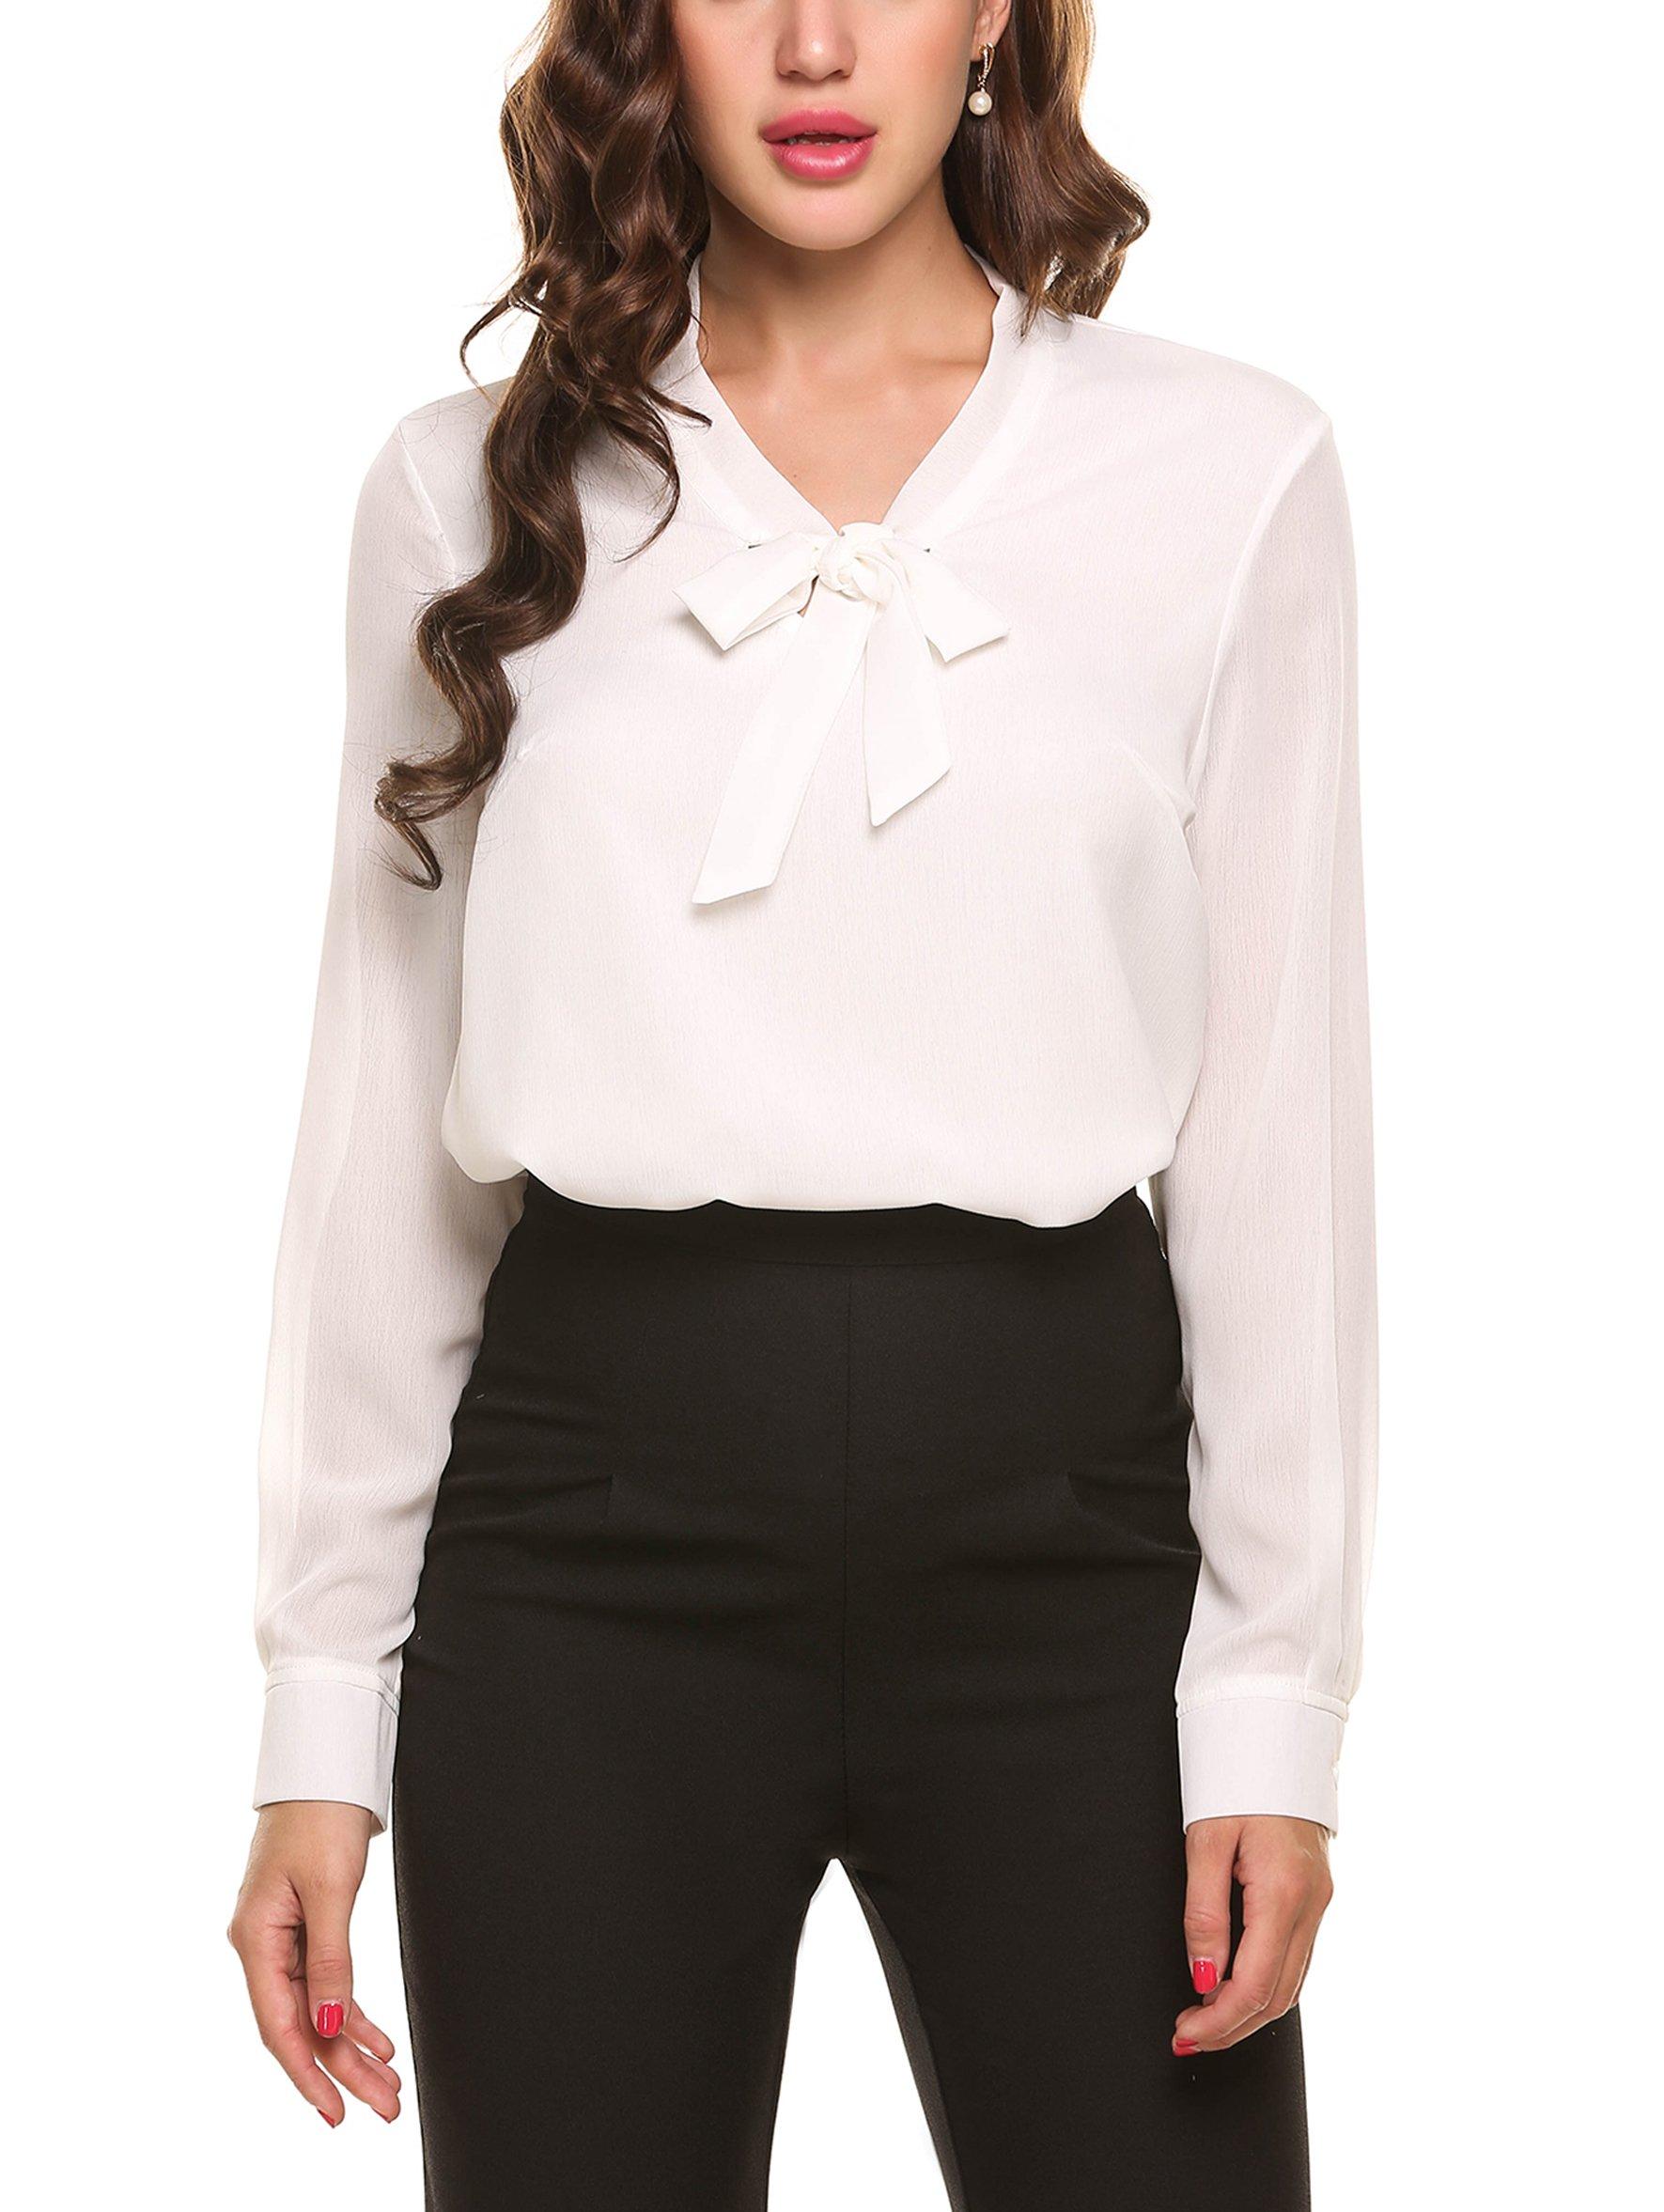 ACEVOG Office Blouse Womens White Formal Shirt,White,Large